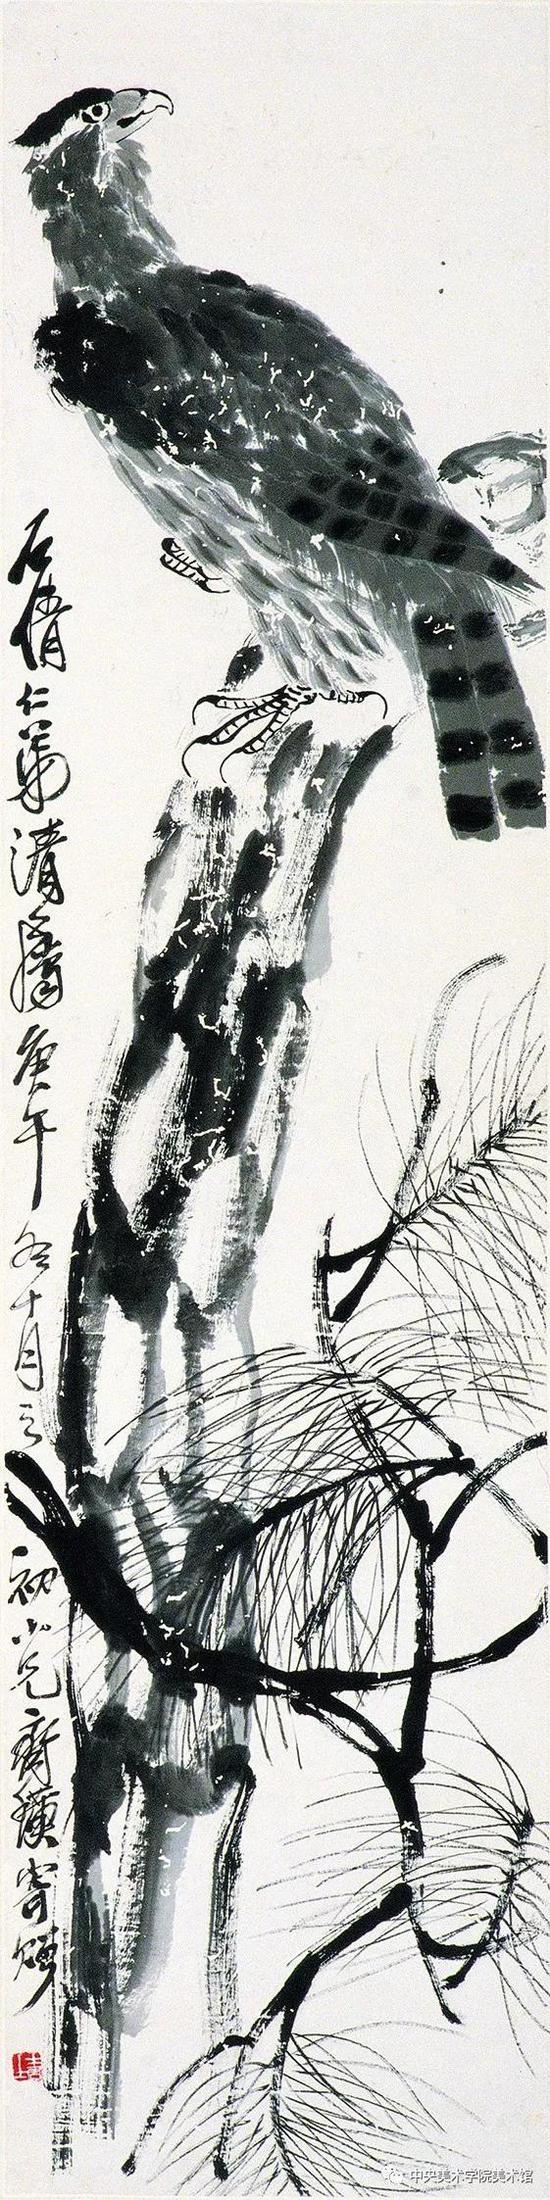 齐白石 松鹰 纸本墨笔 137×35cm 1930 中央美院美术馆藏